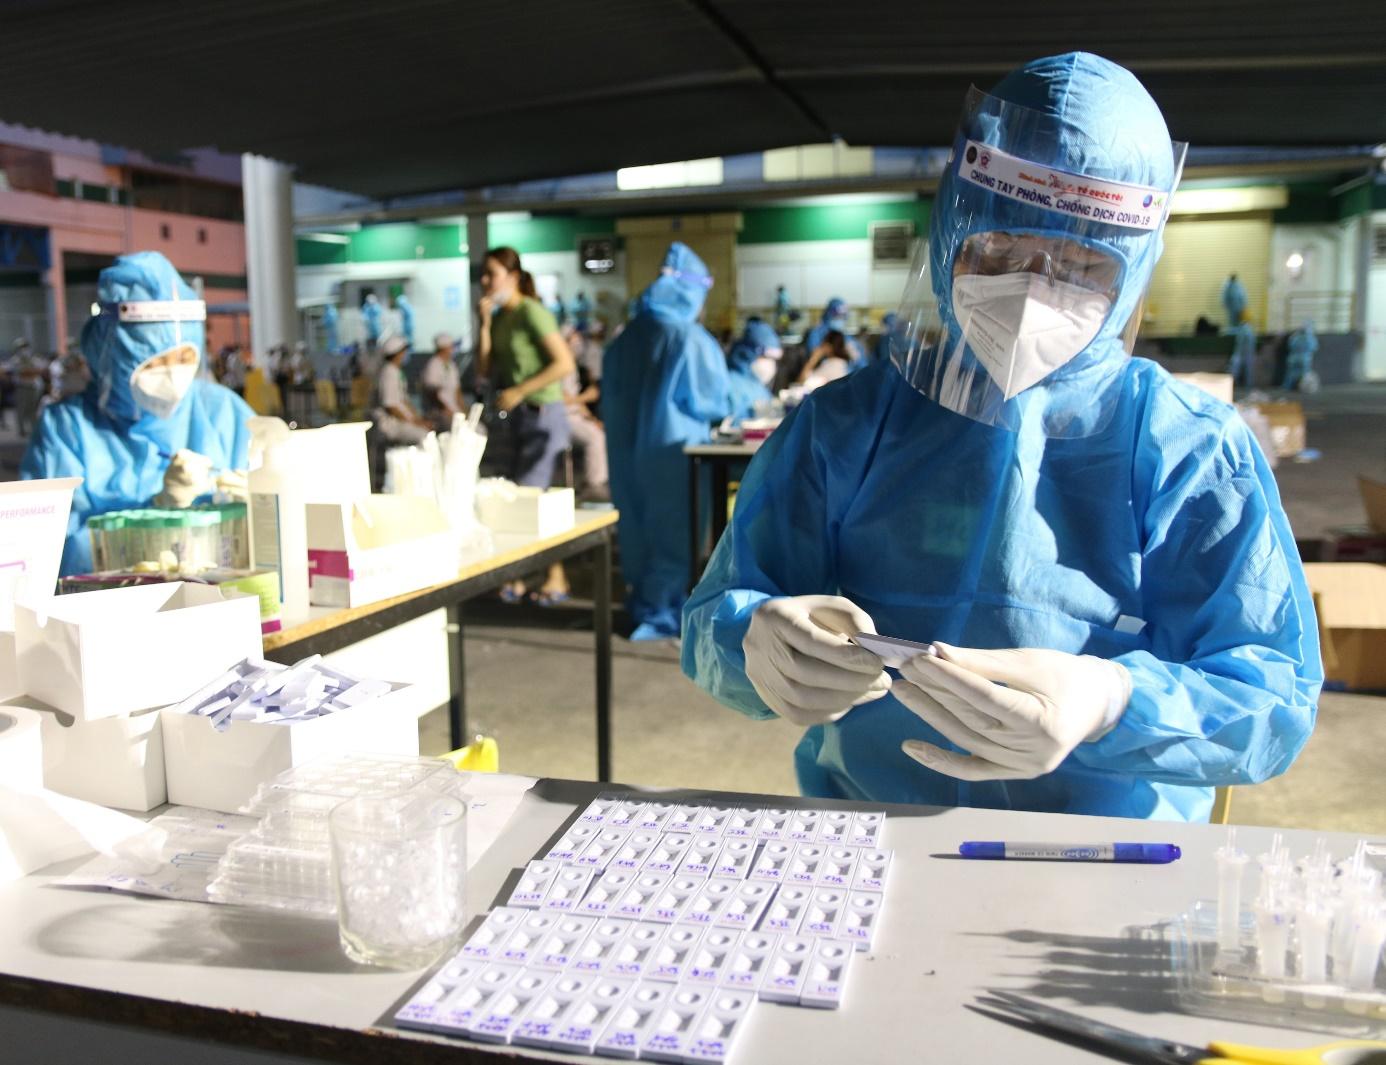 Giá test nhanh xét nghiệm Covid-19 hiện nay ở Việt Nam - Ảnh 1.